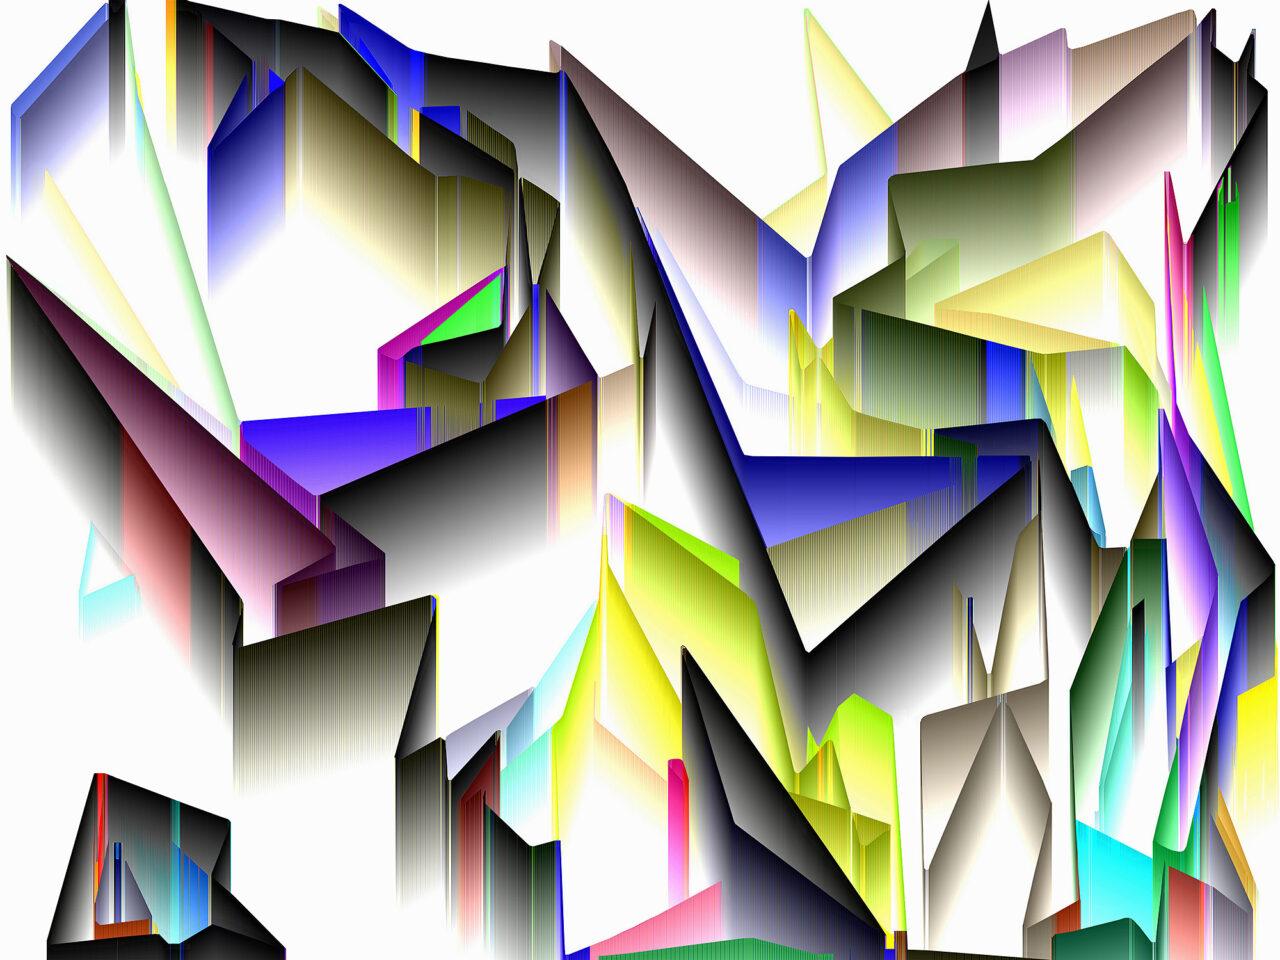 FarbLandschaft, Experimental Fine Art Photography, Farbpigment auf Aludibond, matt, 2020, 67 cm x 90 cm cm, Unikat, rückseitig signiert, auf Wunsch auch auf Hahnemühlen Baryta und kleiner